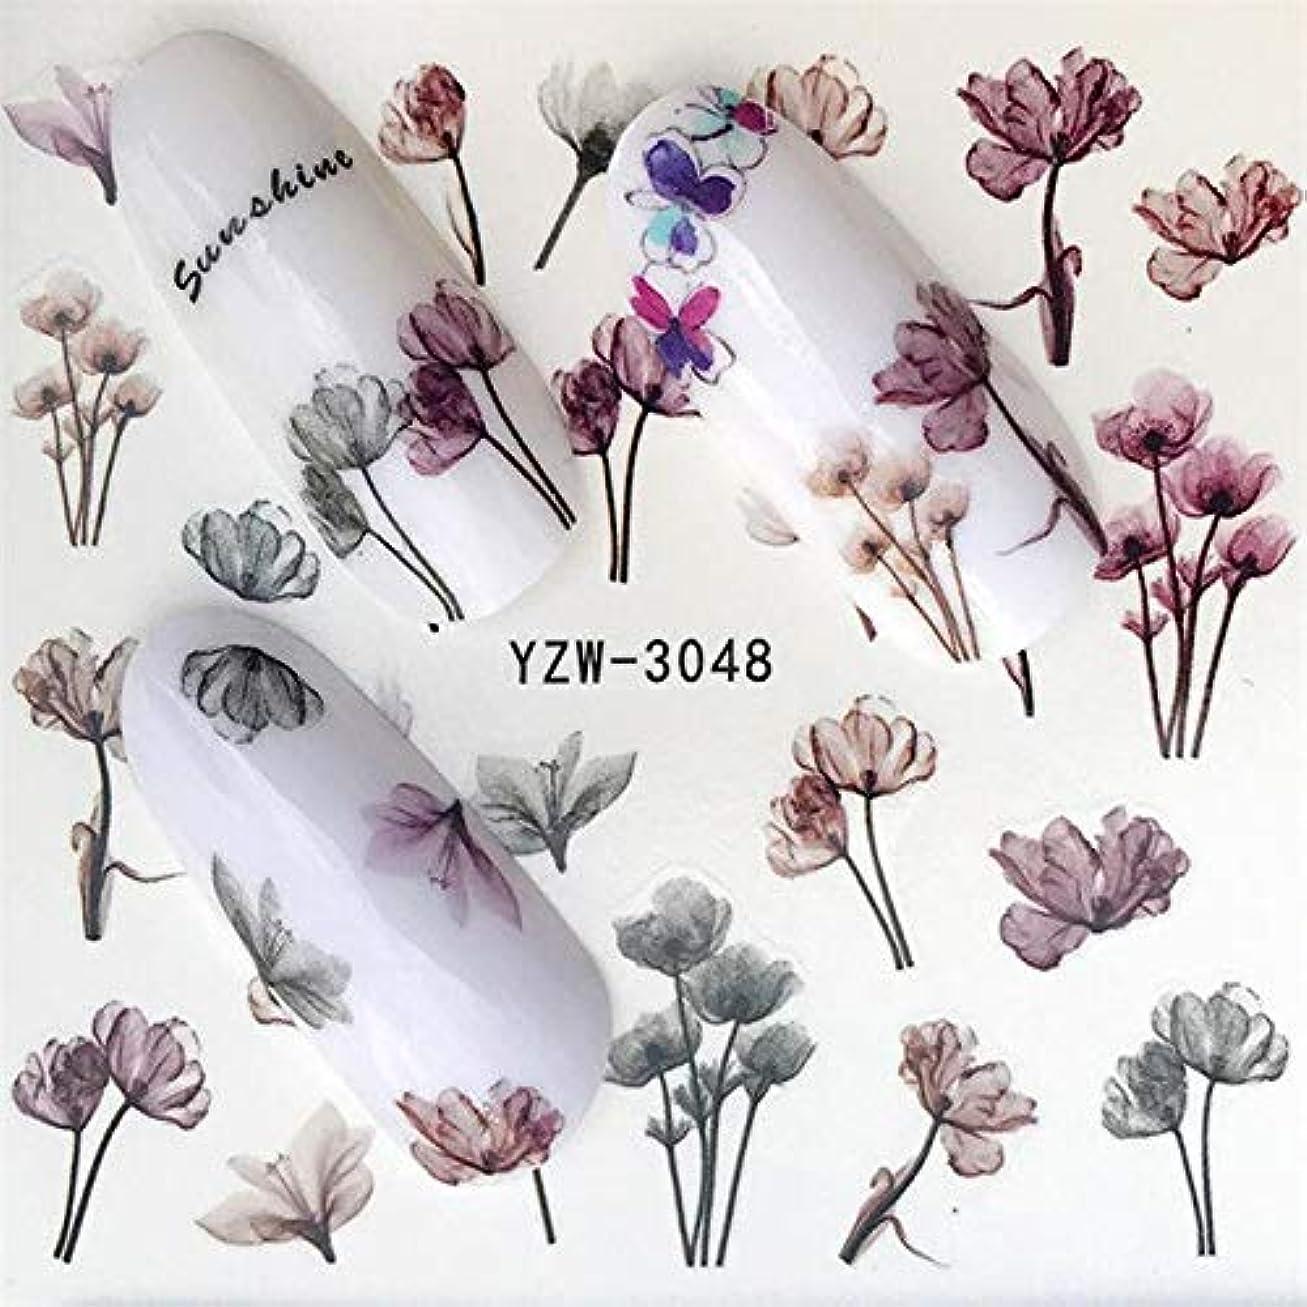 スナッチアンティーク継続中SUKTI&XIAO ネイルステッカー 1シート水転写女性フルカバーステッカーネイルアートデカールネイルアート美容パープルローズ装飾のヒント